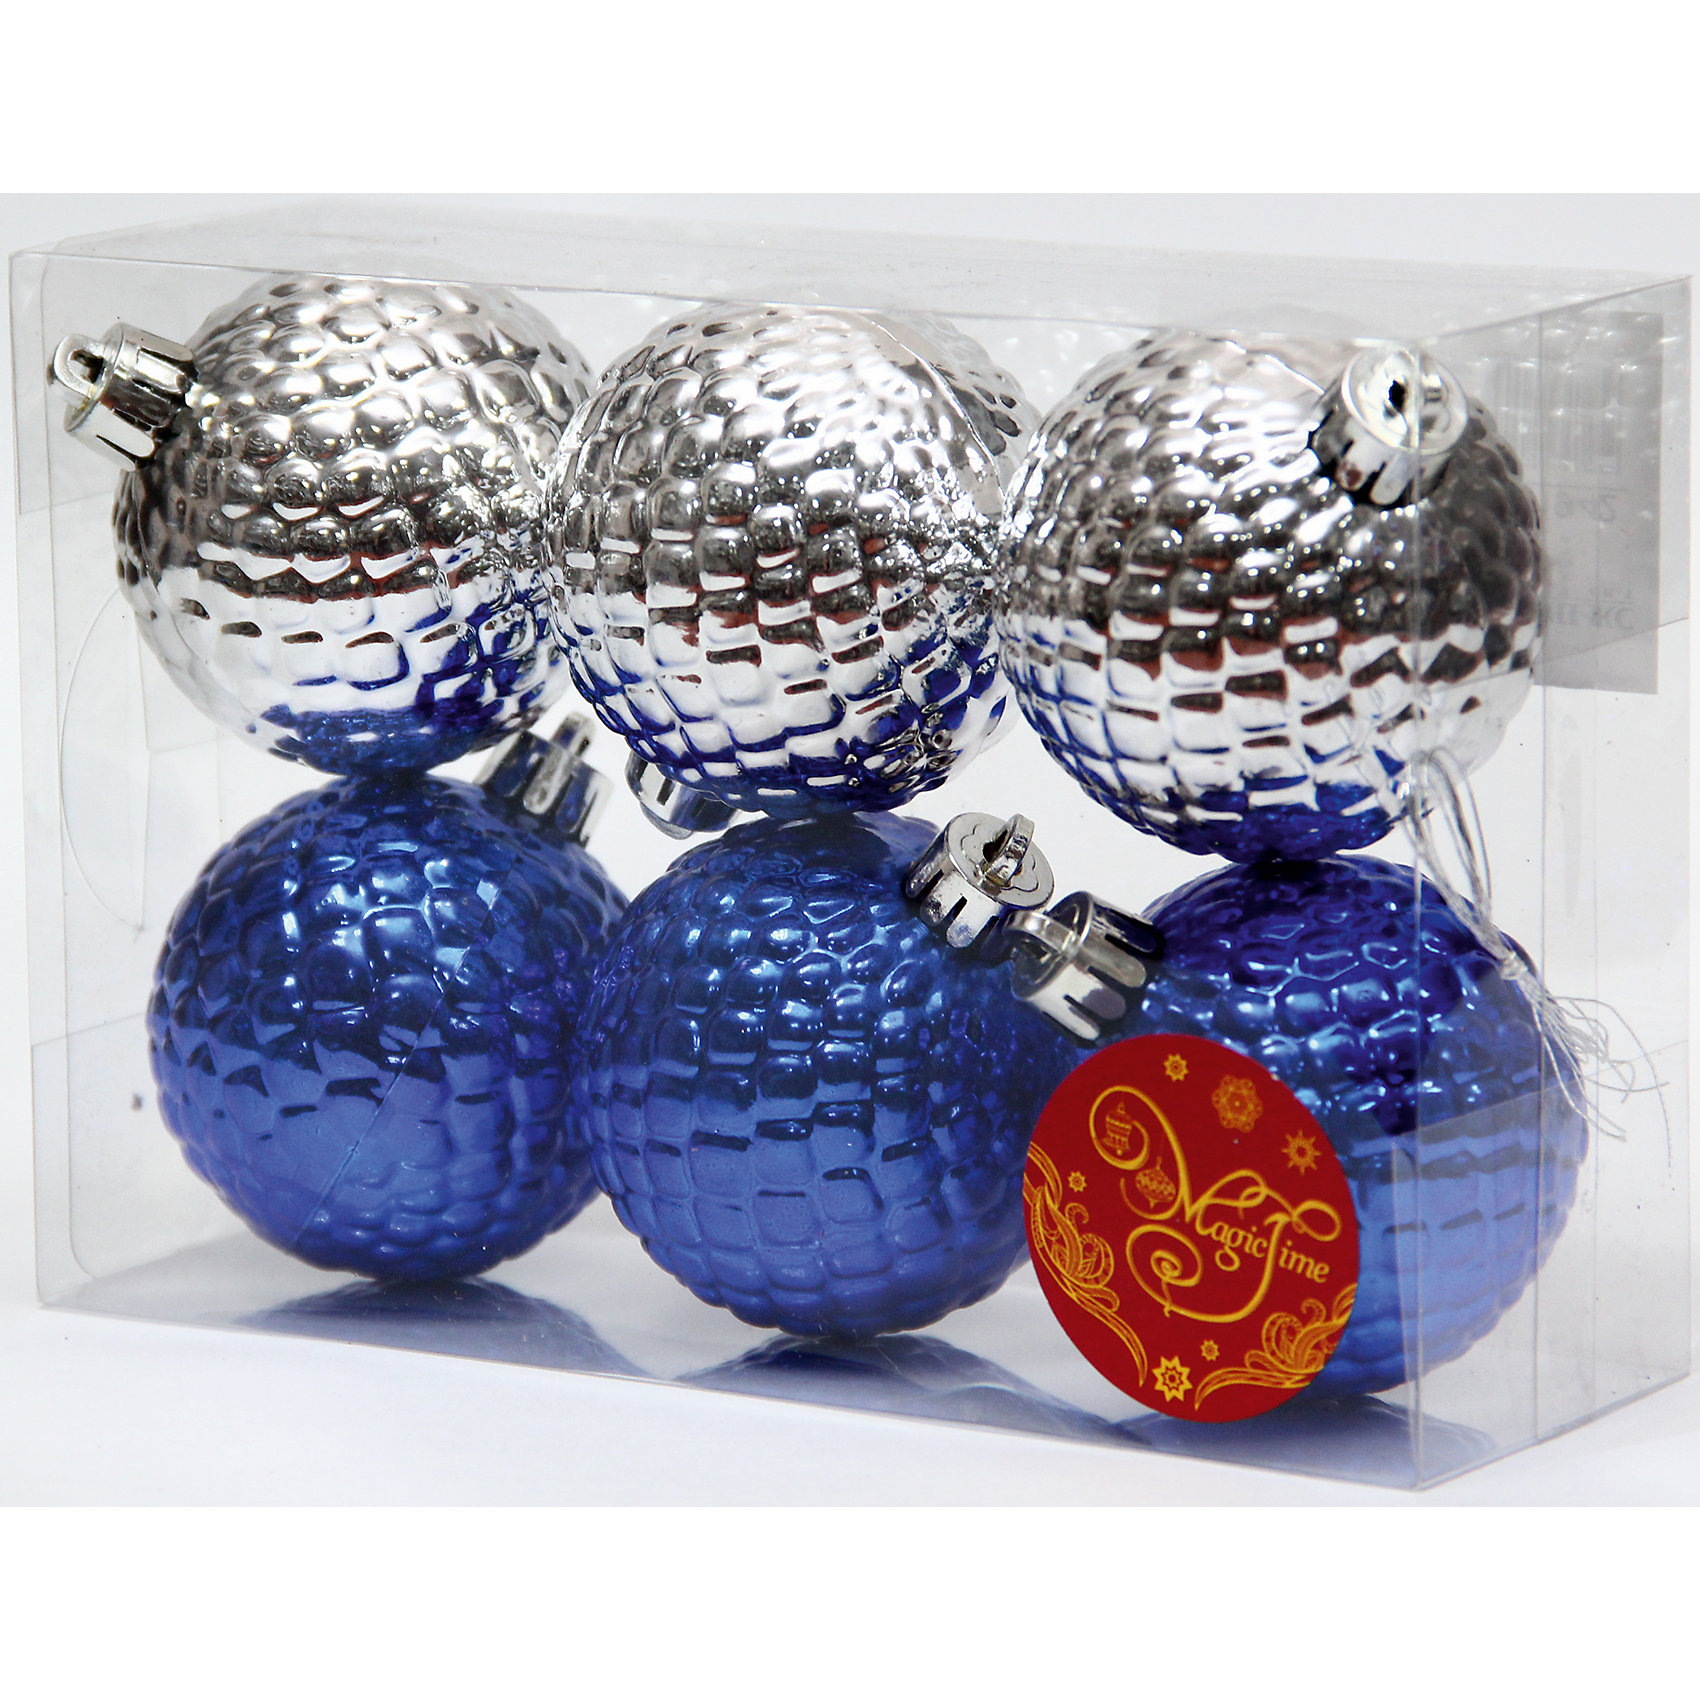 Набор шаров Синие и серебряные шары 6 штНабор шаров Синие и серебряные шары 6 шт – этот набор принесет в ваш дом ни с чем несравнимое ощущение праздника!<br>Набор новогодних подвесных украшений Синие и серебряные шары прекрасно подойдет для праздничного декора вашей ели. Набор состоит из 6 шаров, изготовленных из полистирола – 3 синего цвета, 3 серебристого цвета. Для удобного размещения на елке для каждого шара предусмотрена петелька. Елочная игрушка - символ Нового года. Она несет в себе волшебство и красоту праздника. Создайте в своем доме атмосферу веселья и радости, украшая новогоднюю елку нарядными игрушками, которые будут из года в год накапливать теплоту воспоминаний. Откройте для себя удивительный мир сказок и грез. Почувствуйте волшебные минуты ожидания праздника, создайте новогоднее настроение вашим близким.<br><br>Дополнительная информация:<br><br>- В наборе: 6 шаров<br>- Материал: полистирол<br>- Цвет: синий, серебристый<br>- Размер упаковки: 18 х 12 х 6 см.<br><br>Набор шаров Синие и серебряные шары 6 шт можно купить в нашем интернет-магазине.<br><br>Ширина мм: 300<br>Глубина мм: 250<br>Высота мм: 100<br>Вес г: 570<br>Возраст от месяцев: 36<br>Возраст до месяцев: 2147483647<br>Пол: Унисекс<br>Возраст: Детский<br>SKU: 4981544